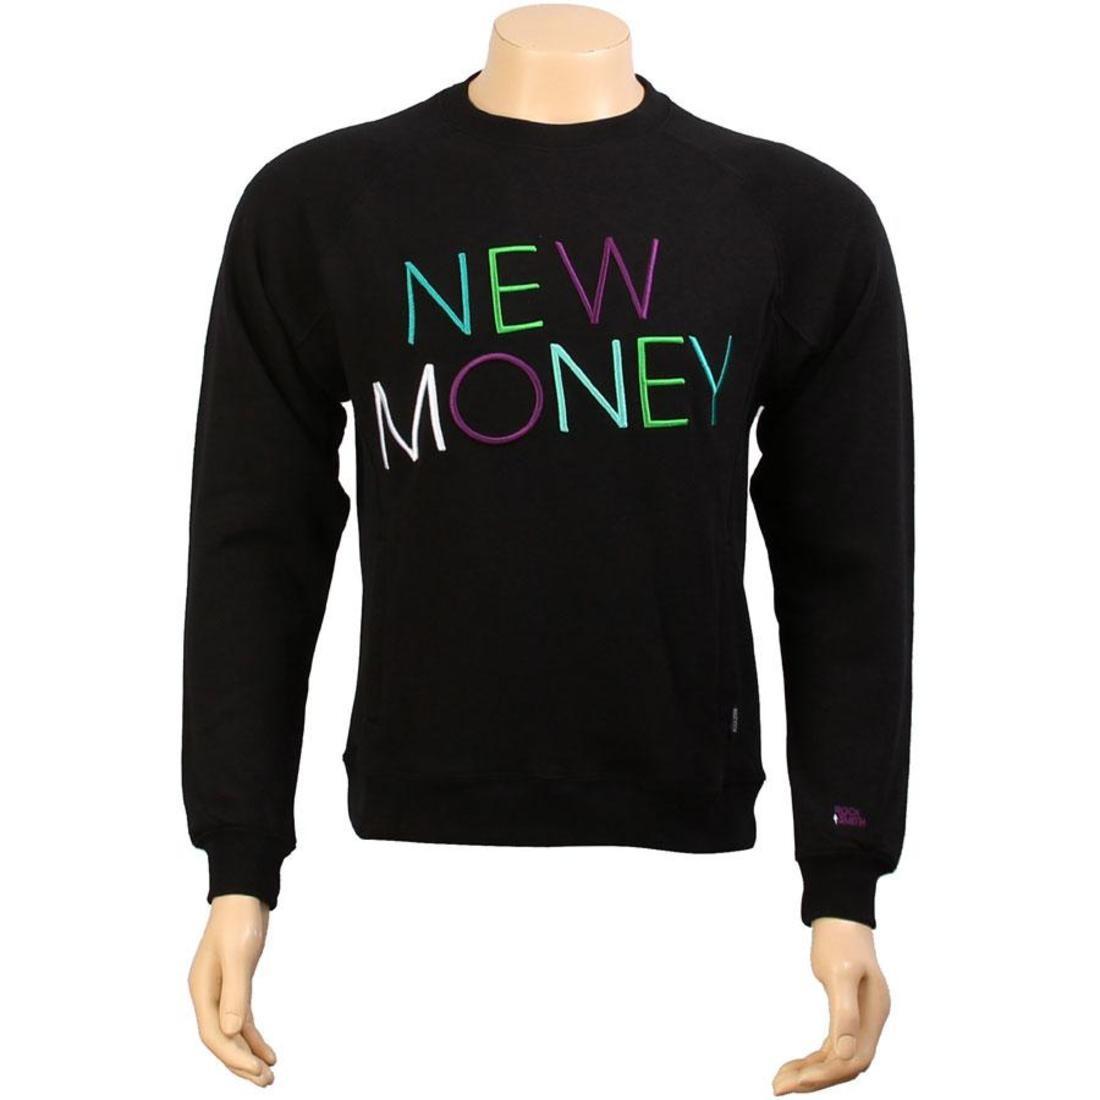 【 ROCK SMITH NEW MONEY SWEATER BLACK 】 メンズファッション トップス Tシャツ カットソー 送料無料